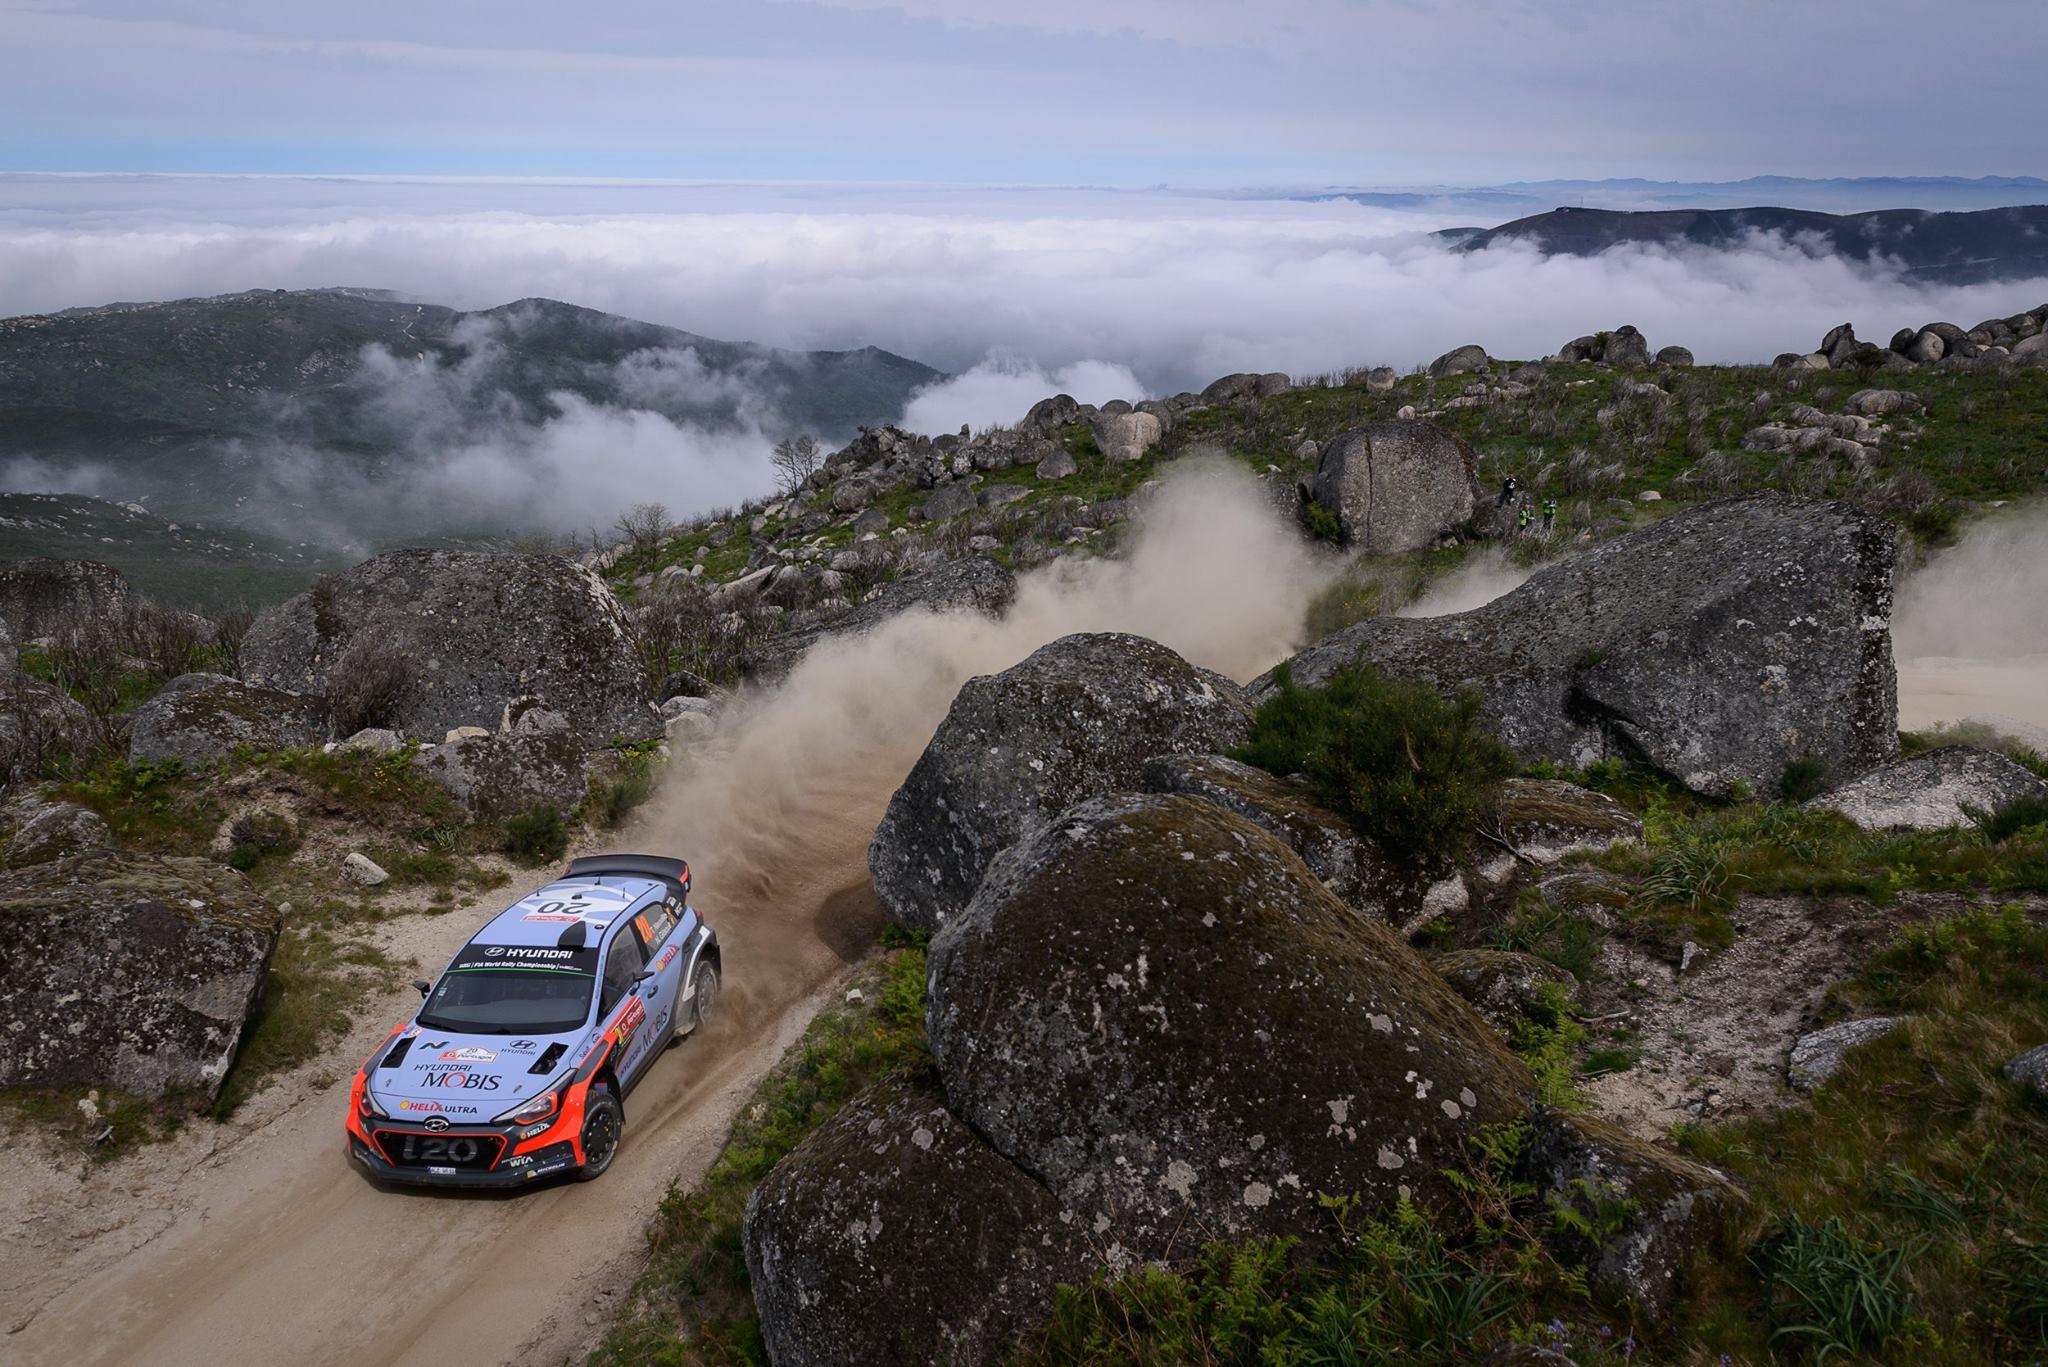 Les plus belles photos de la saison 2016 du WRC